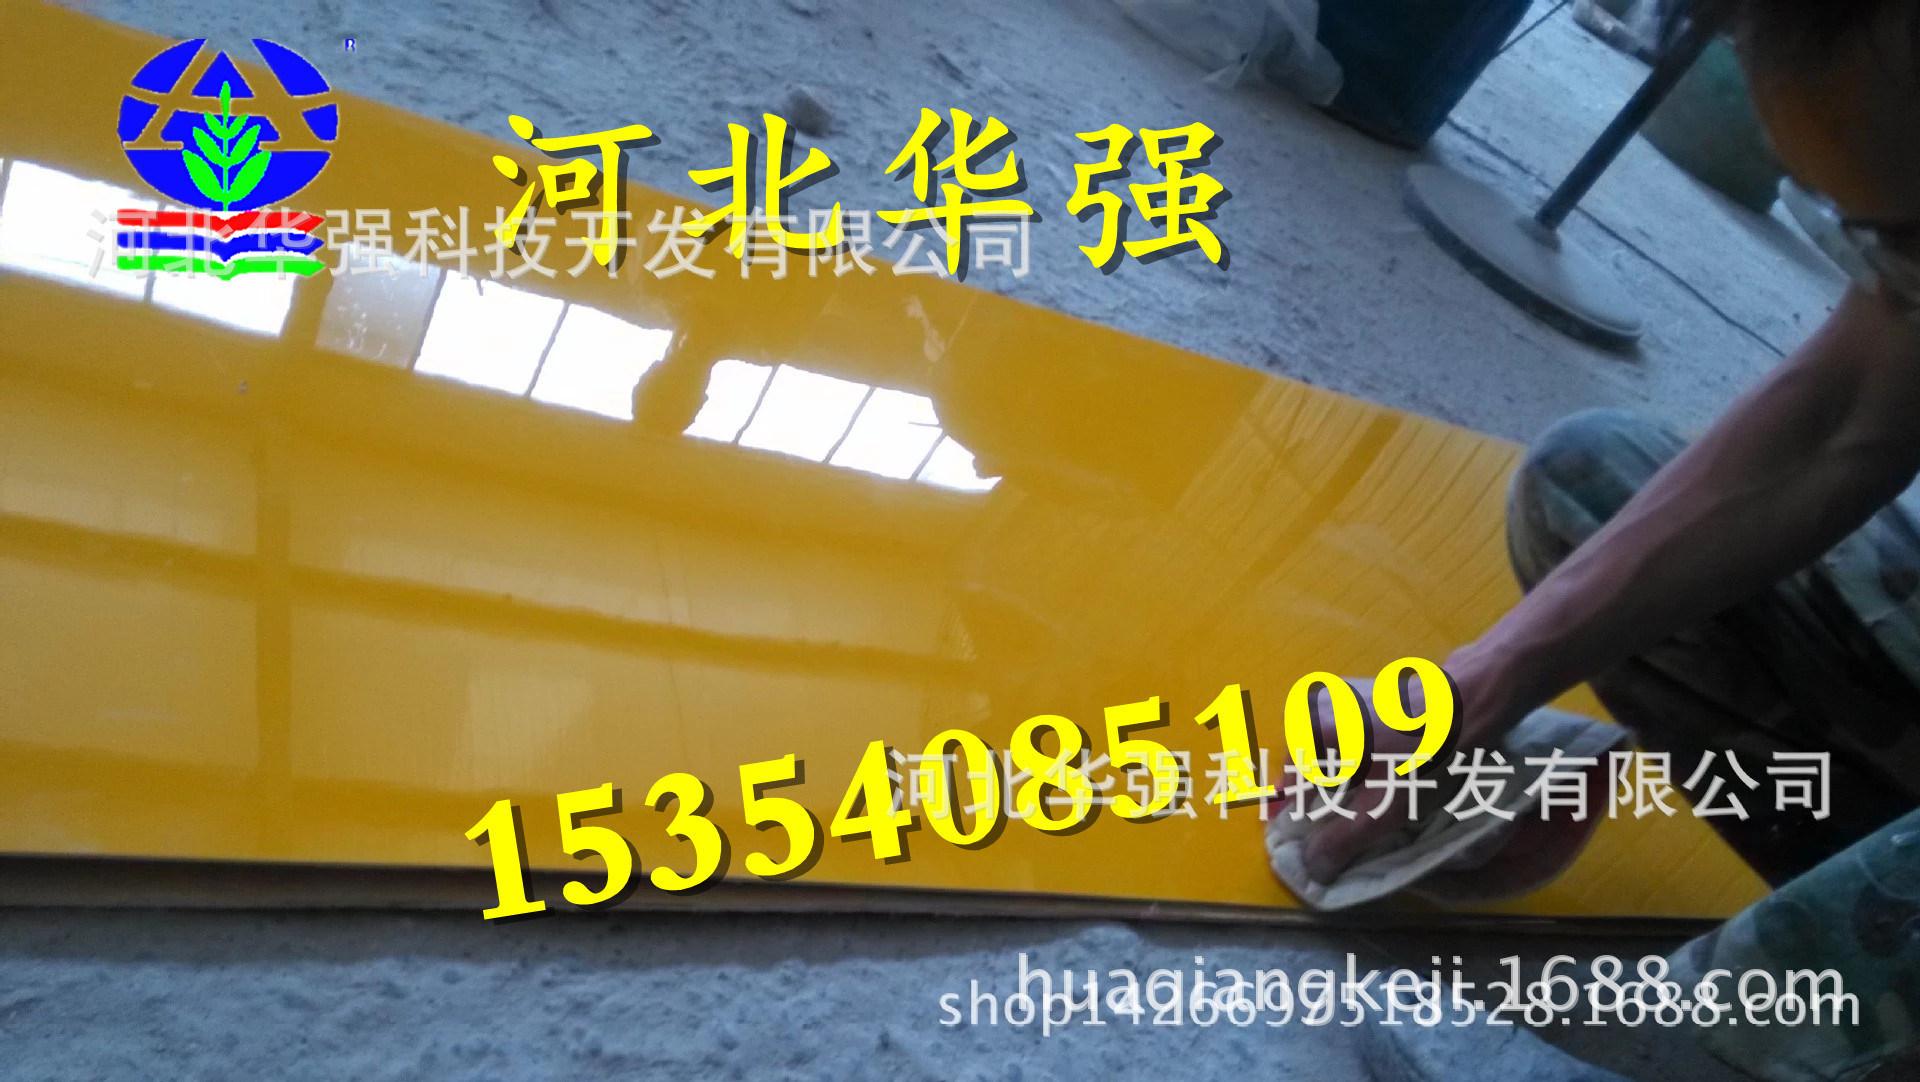 2034498772_1838001085.jpg_.web